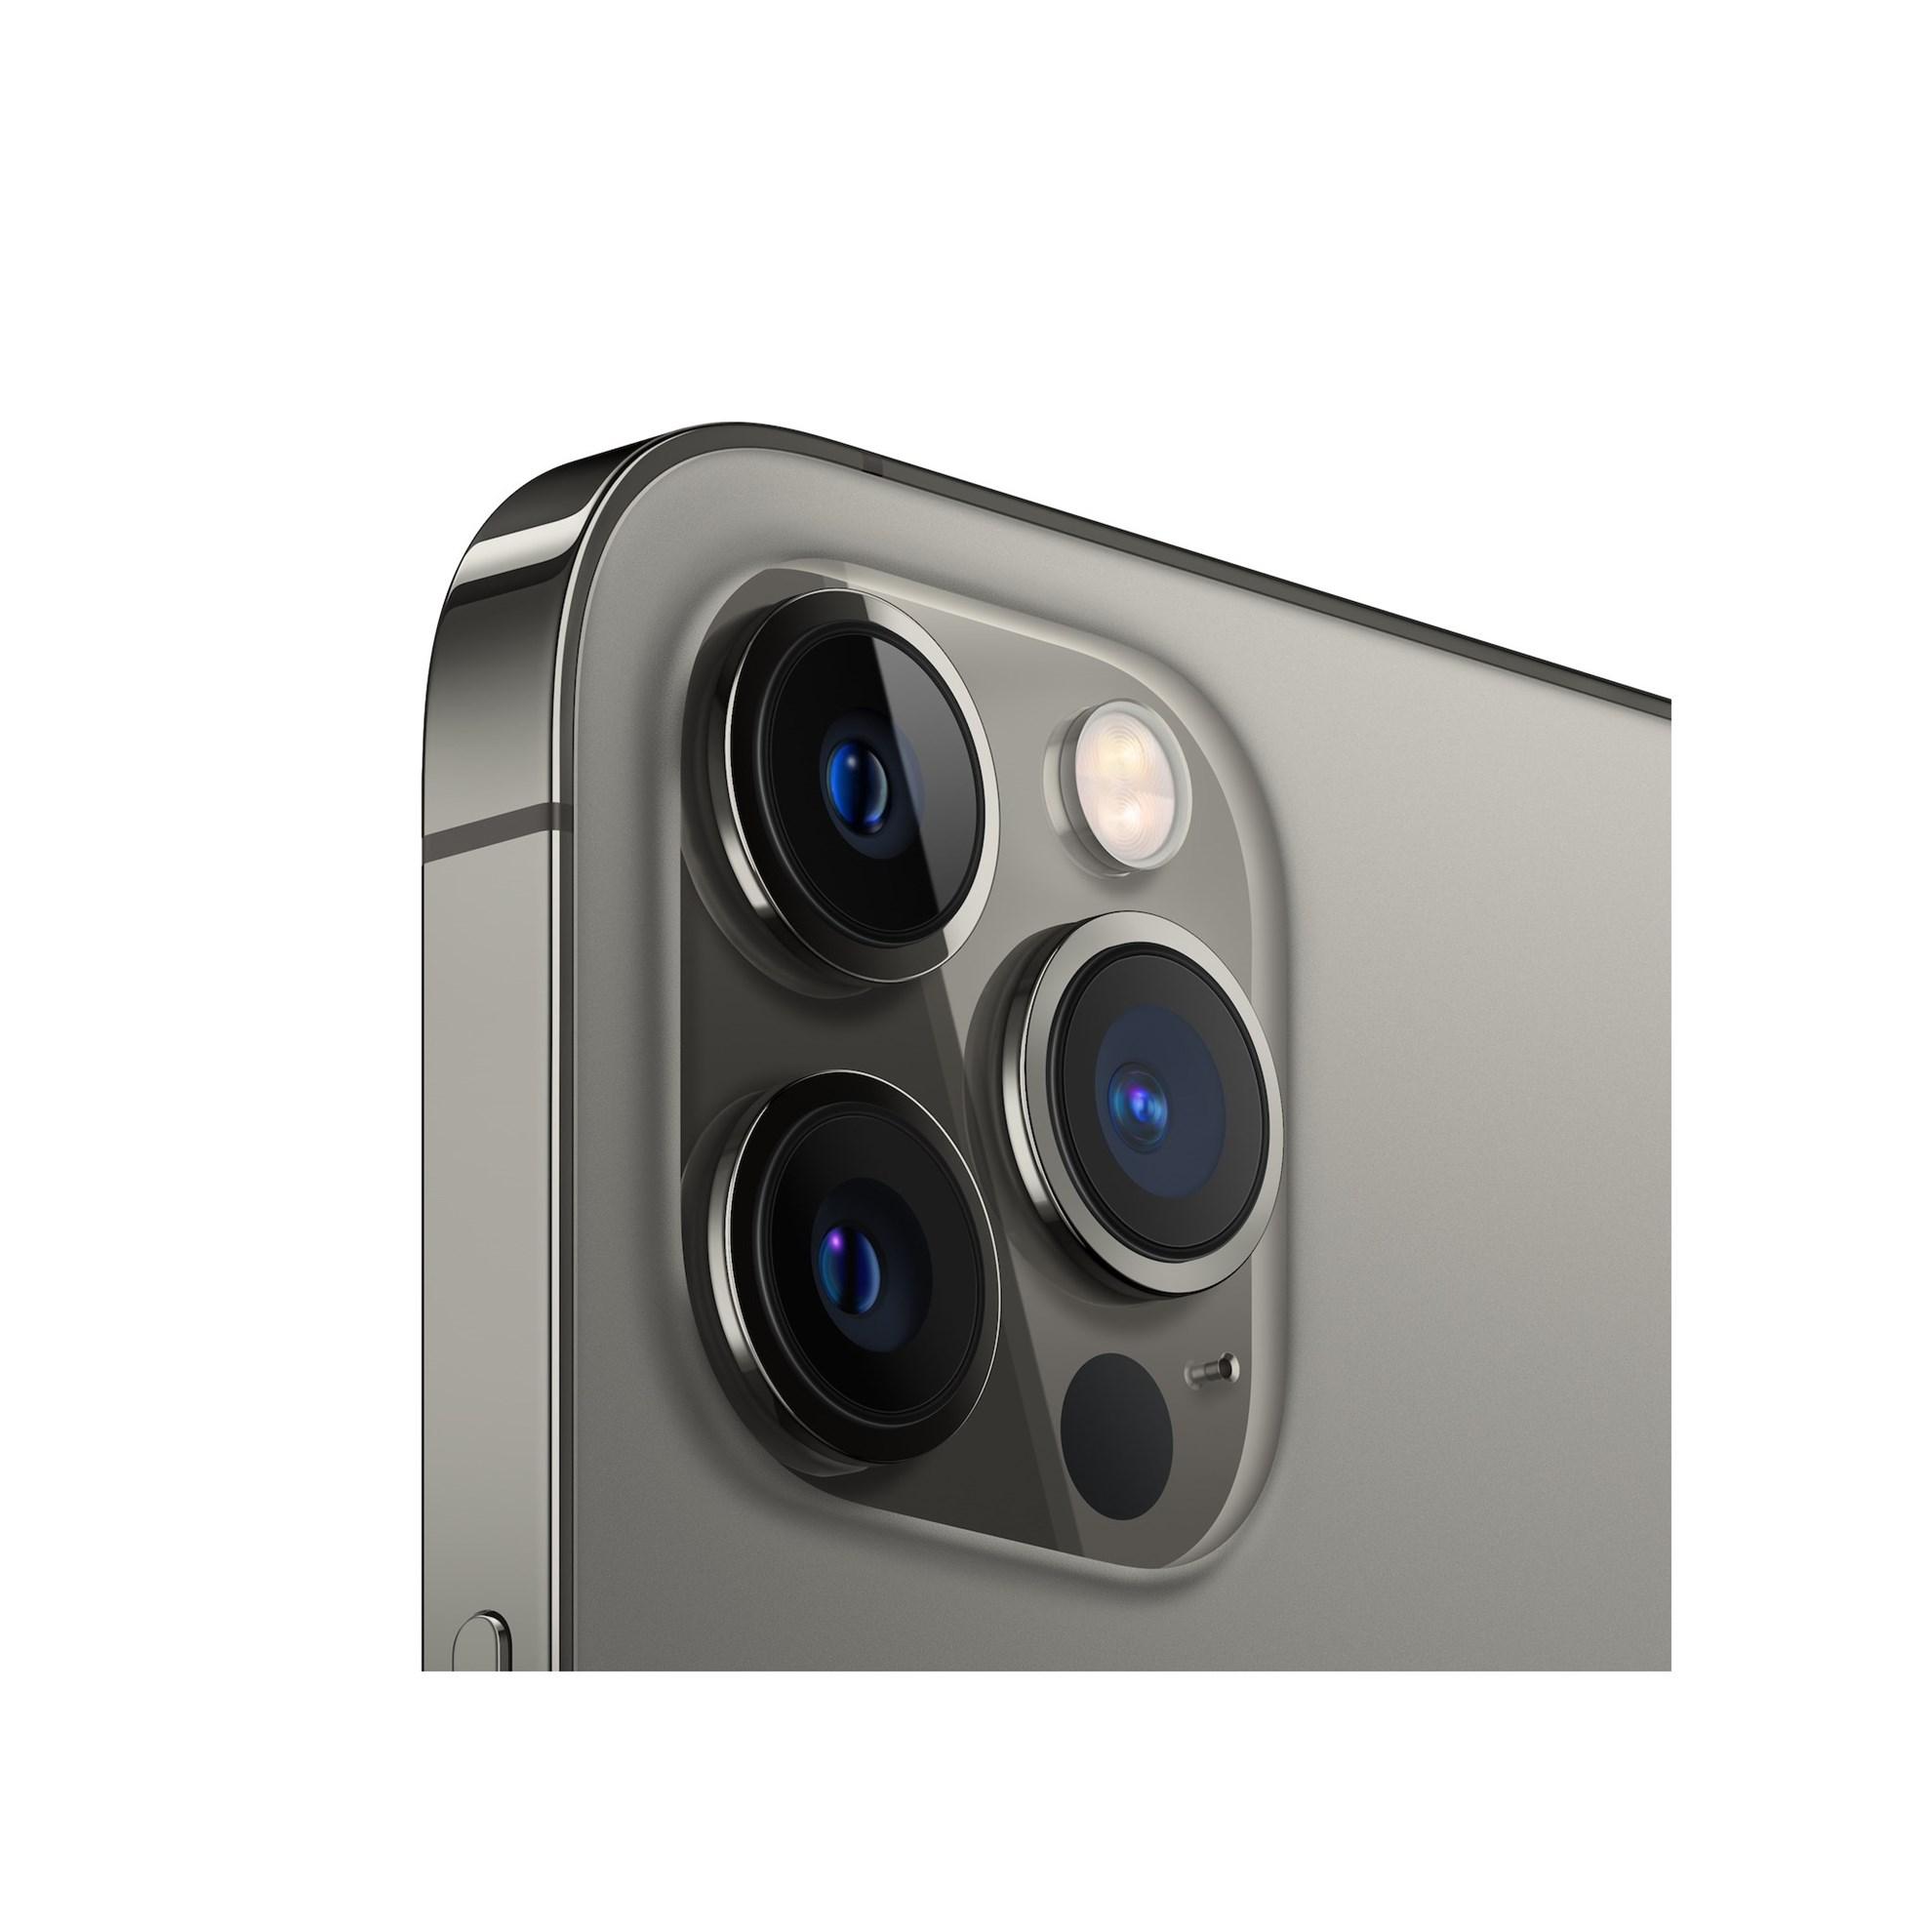 iPhone 12 Pro Max 256GB  Graphite - 4